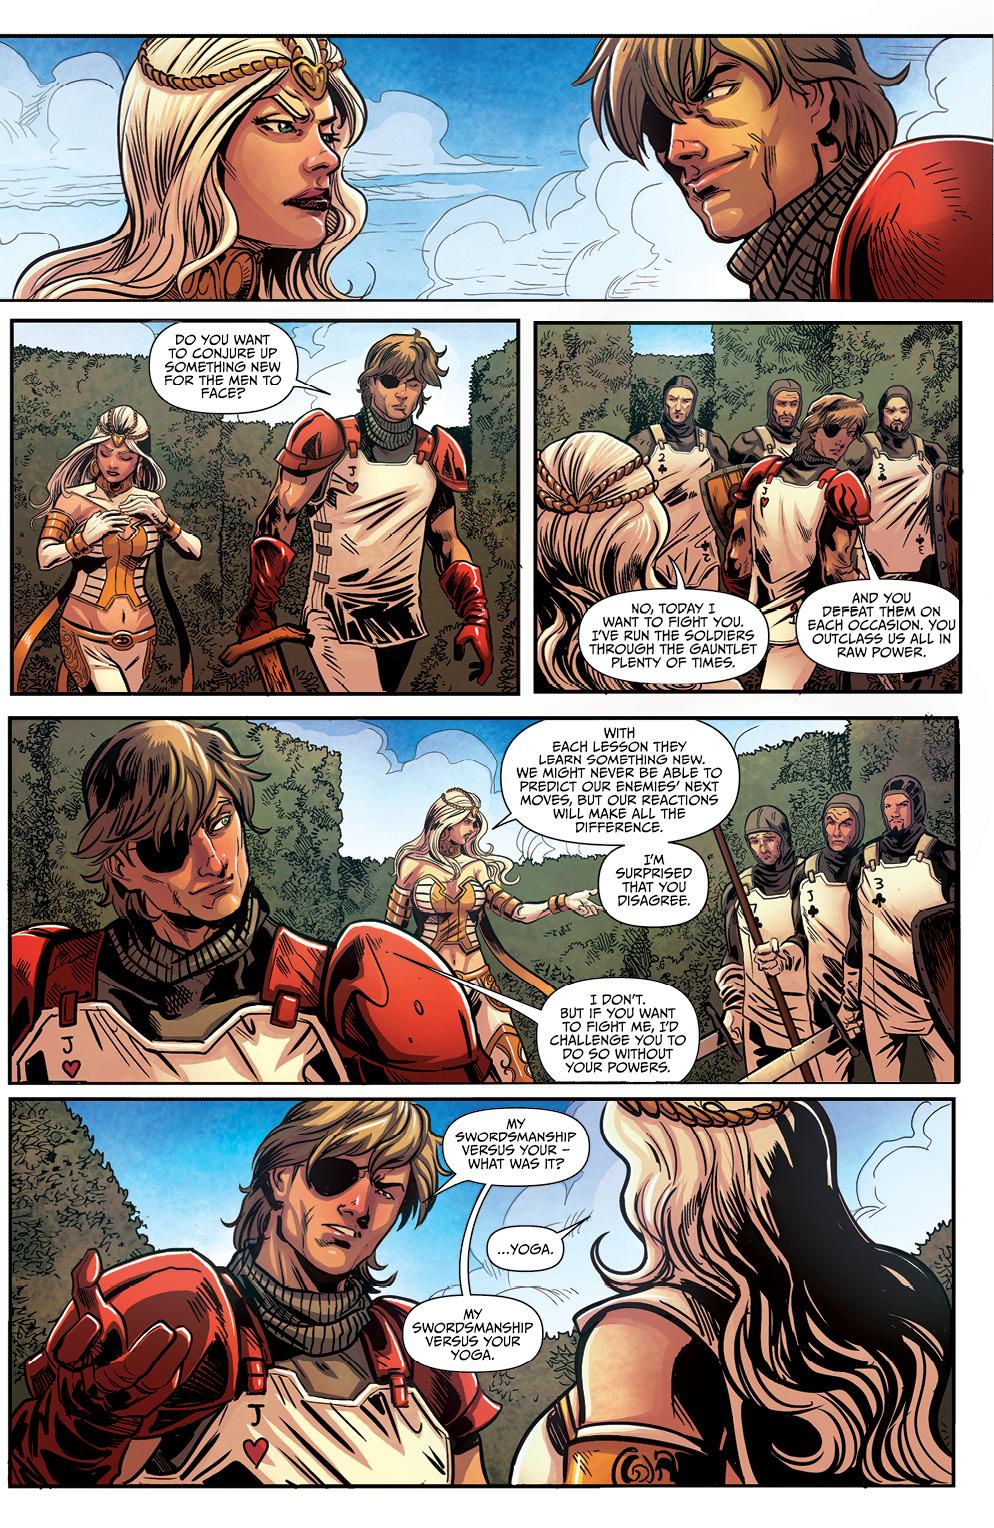 WONDER032_page 3